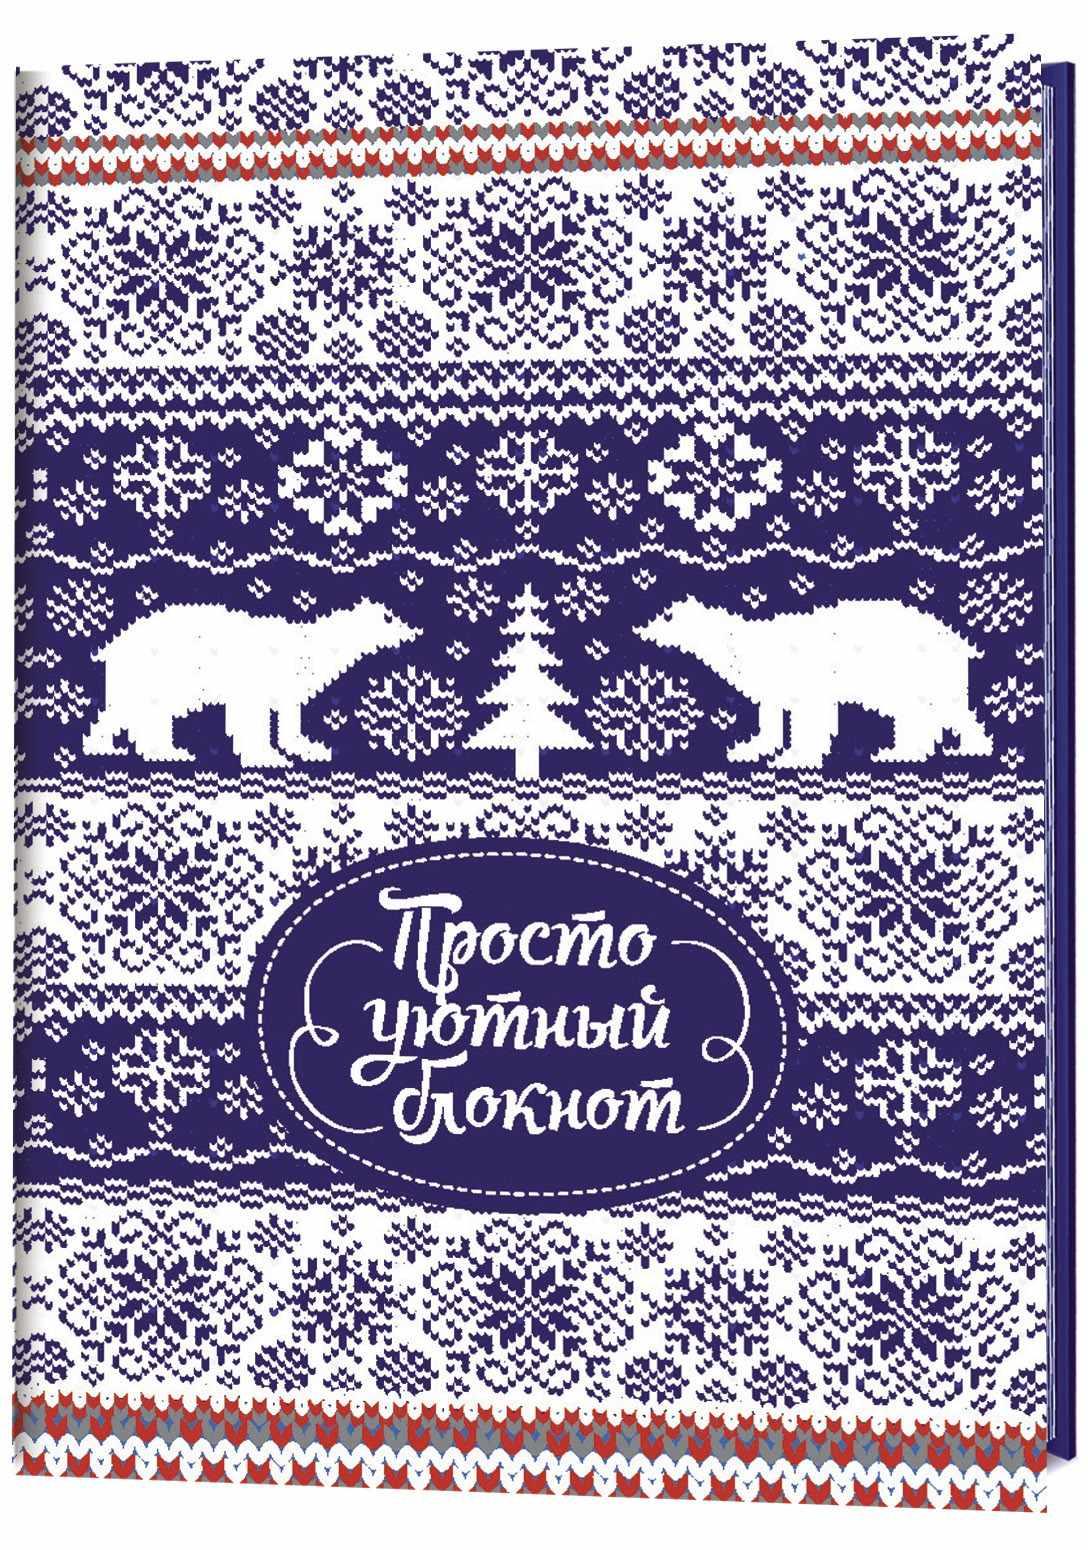 """Блокноты """"Зимние узоры"""" (Просто уютный блокнот)"""